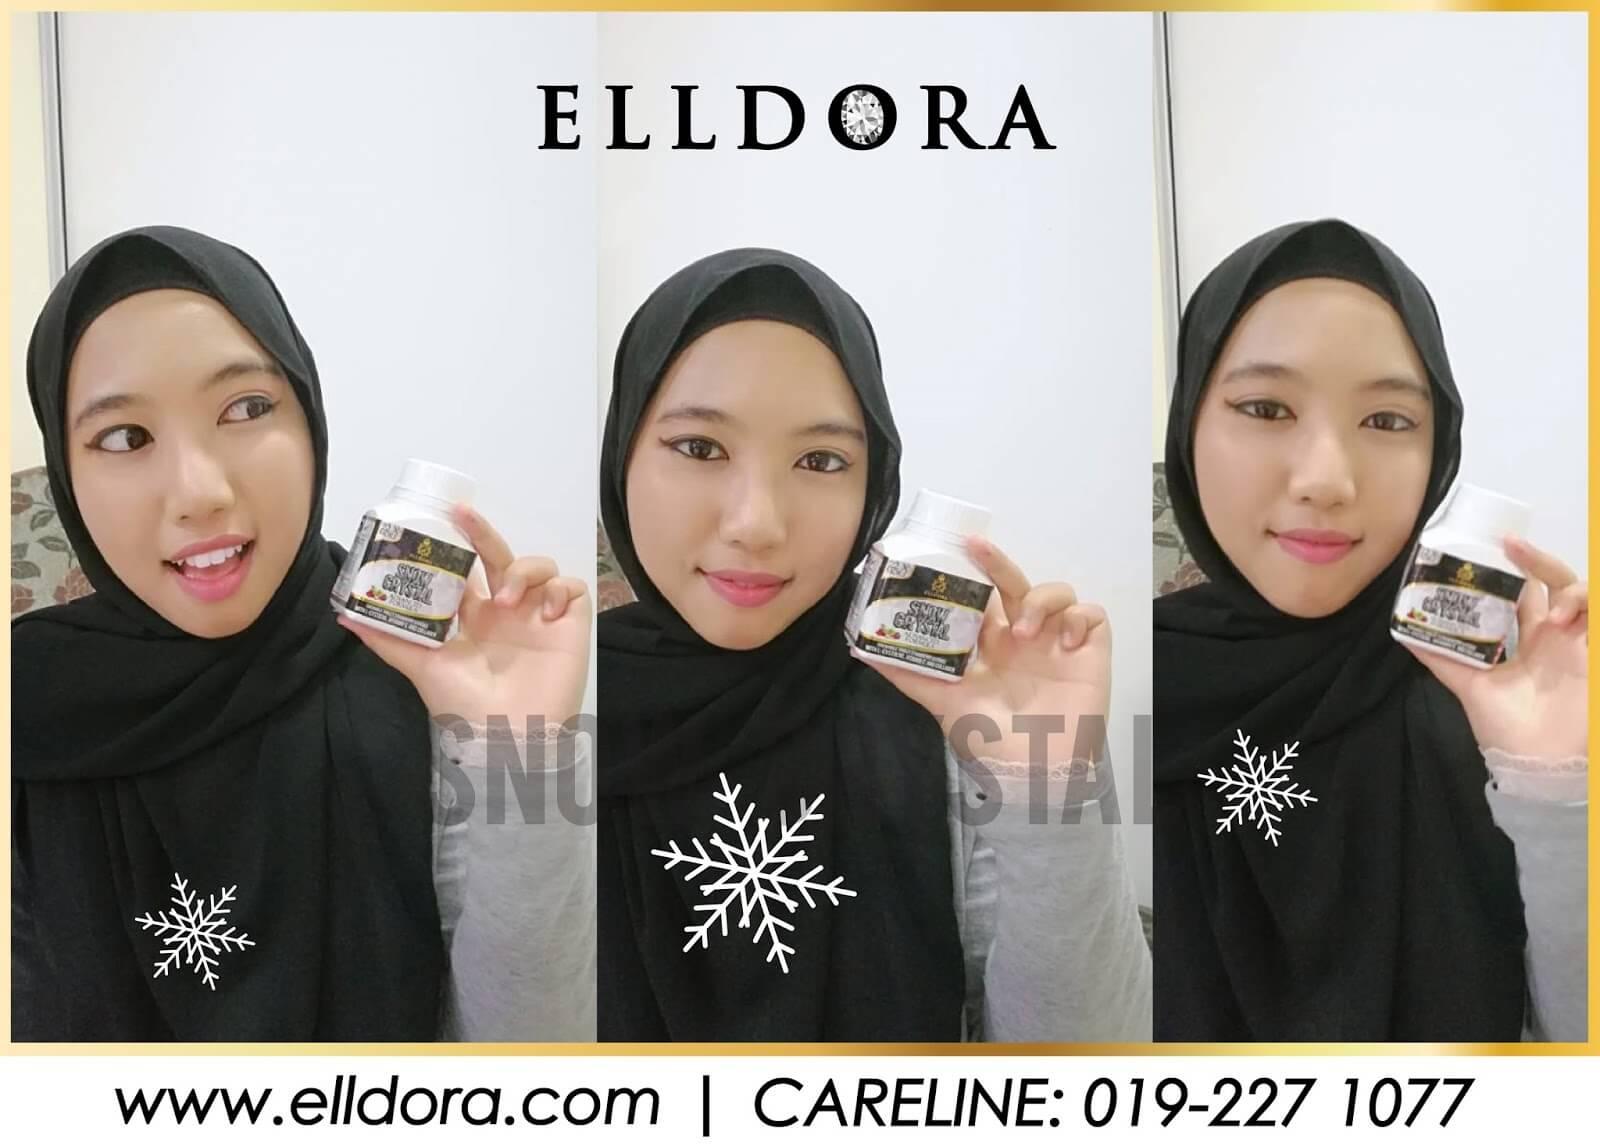 Snow Crystal Elldora Tablet Kunyah Untuk Kulit Cantik dan Berseri